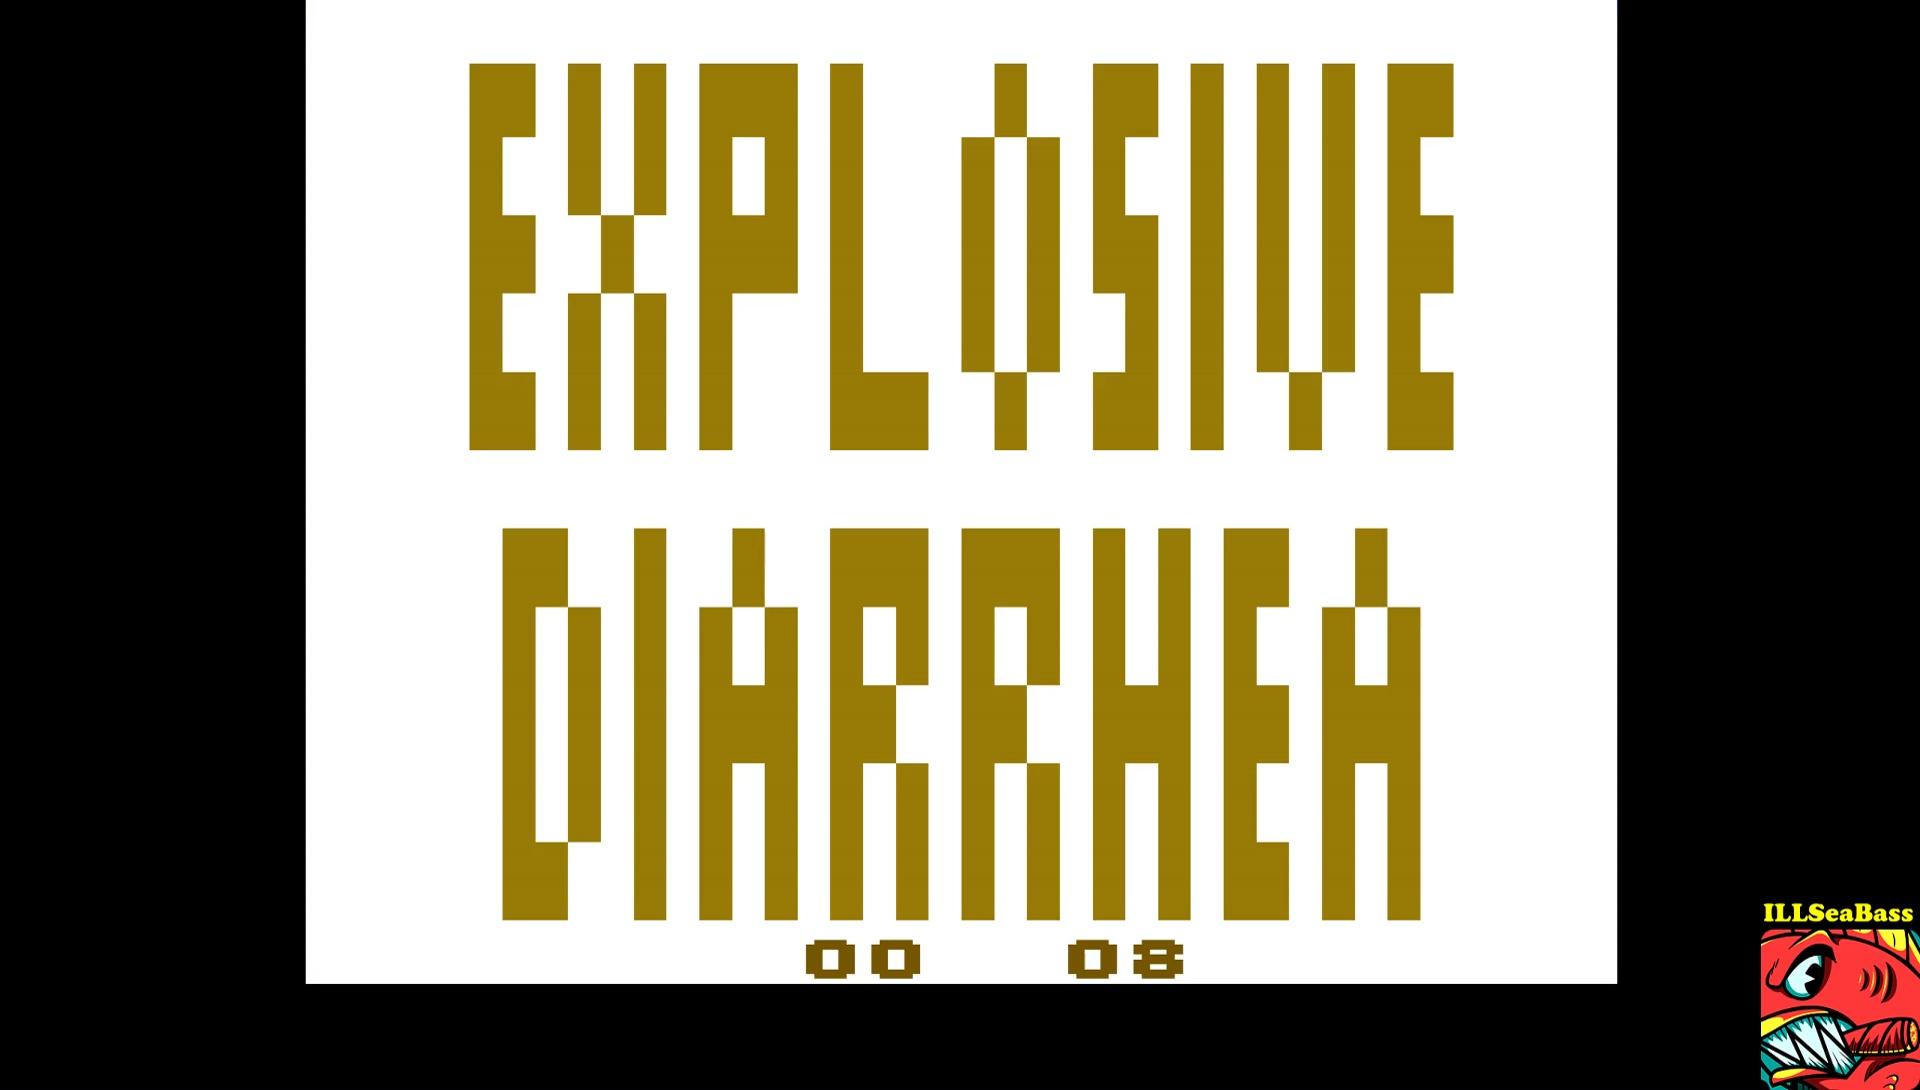 ILLSeaBass: Explosive Diarrhea (Atari 2600 Emulated) 8 points on 2017-04-29 19:41:45